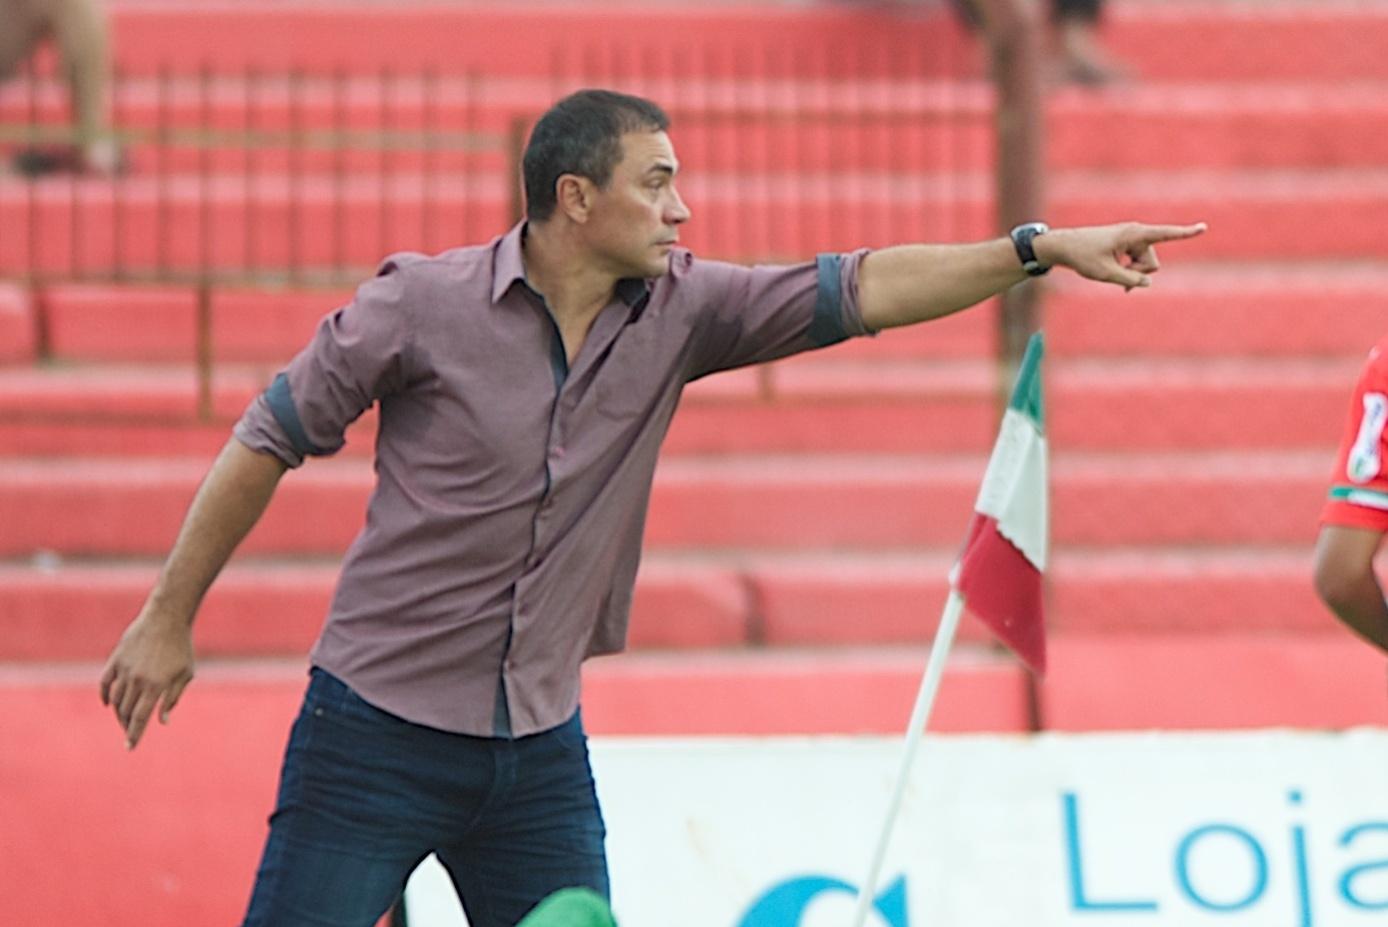 Inter demite técnico Clemer após briga com preparador físico da base -  08 05 2015 - UOL Esporte 486d14ed3996f